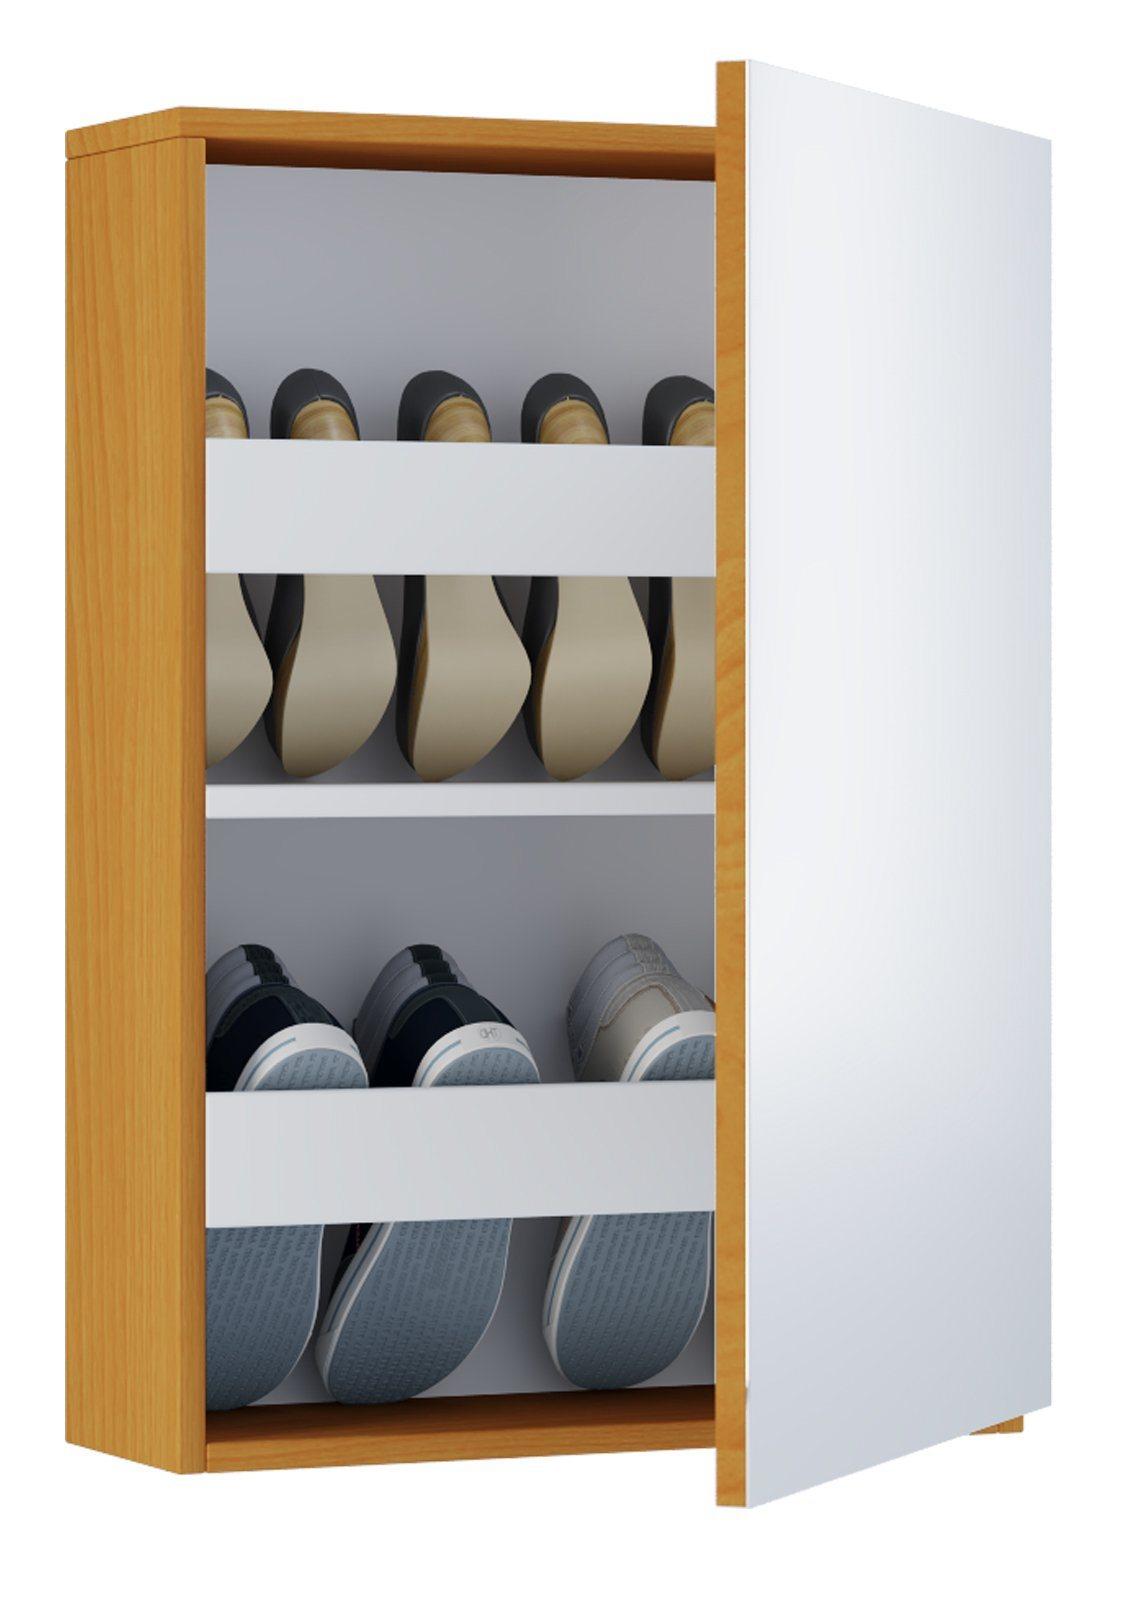 schuhschrank mit spiegel preisvergleich die besten. Black Bedroom Furniture Sets. Home Design Ideas